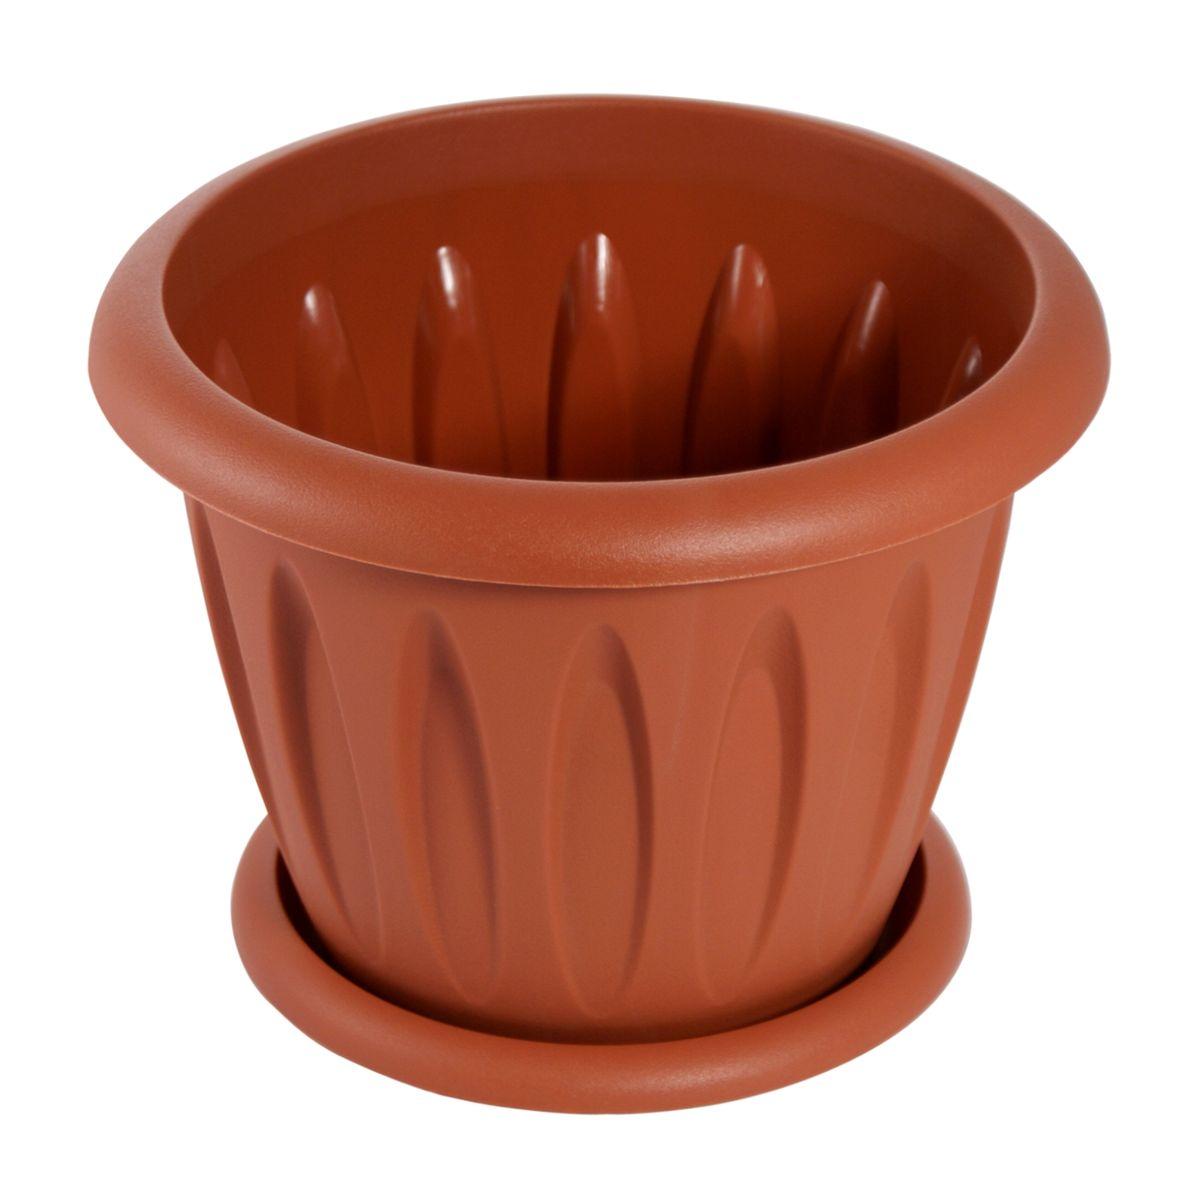 Горшок для цветов Martika Фелиция, с поддоном, цвет: терракотовый, 900 млMRC102TЛюбой, даже самый современный и продуманный интерьер будет не завершённым без растений. Они не только очищают воздух и насыщают его кислородом, но и заметно украшают окружающее пространство. Такому полезному &laquo члену семьи&raquoпросто необходимо красивое и функциональное кашпо, оригинальный горшок или необычная ваза! Мы предлагаем - Горшок для растений Фелиция 0,9 л d=14 см с поддоном, цвет терракотовый!Оптимальный выбор материала &mdash &nbsp пластмасса! Почему мы так считаем? Малый вес. С лёгкостью переносите горшки и кашпо с места на место, ставьте их на столики или полки, подвешивайте под потолок, не беспокоясь о нагрузке. Простота ухода. Пластиковые изделия не нуждаются в специальных условиях хранения. Их&nbsp легко чистить &mdashдостаточно просто сполоснуть тёплой водой. Никаких царапин. Пластиковые кашпо не царапают и не загрязняют поверхности, на которых стоят. Пластик дольше хранит влагу, а значит &mdashрастение реже нуждается в поливе. Пластмасса не пропускает воздух &mdashкорневой системе растения не грозят резкие перепады температур. Огромный выбор форм, декора и расцветок &mdashвы без труда подберёте что-то, что идеально впишется в уже существующий интерьер.Соблюдая нехитрые правила ухода, вы можете заметно продлить срок службы горшков, вазонов и кашпо из пластика: всегда учитывайте размер кроны и корневой системы растения (при разрастании большое растение способно повредить маленький горшок)берегите изделие от воздействия прямых солнечных лучей, чтобы кашпо и горшки не выцветалидержите кашпо и горшки из пластика подальше от нагревающихся поверхностей.Создавайте прекрасные цветочные композиции, выращивайте рассаду или необычные растения, а низкие цены позволят вам не ограничивать себя в выборе.